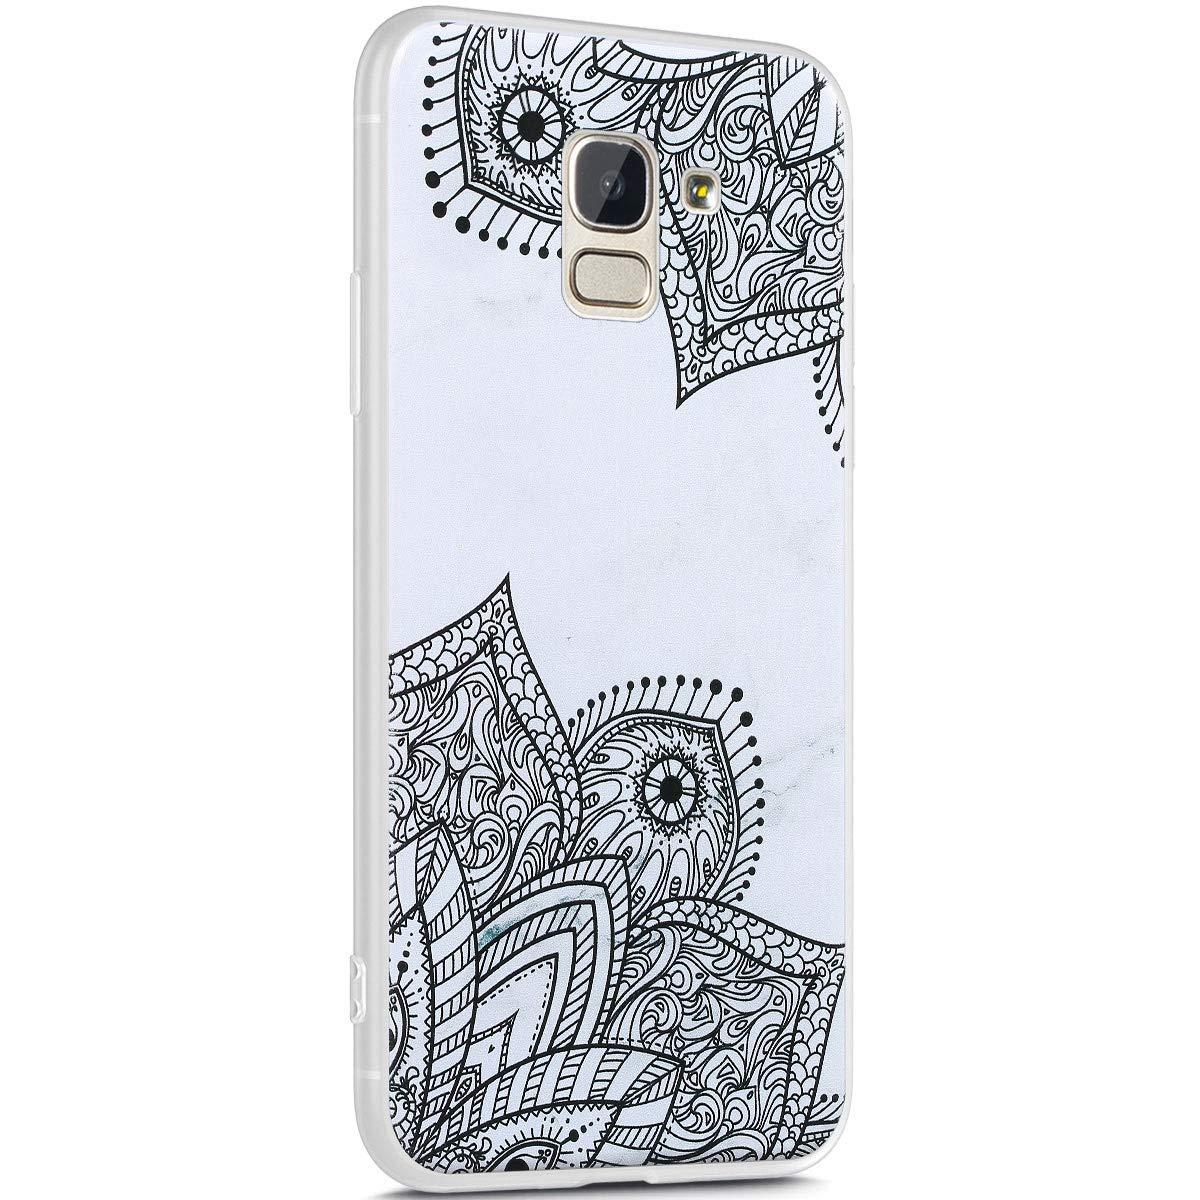 Ysimee Compatible avec Coque Samsung Galaxy J6 2018 Silicone Motif Ecriture S/érie de Marbre Housse Matte Case Ultra Mince Souple TPU /Étui avec Anti-Rayures Absorption des Chocs Bumper,/Écriture F